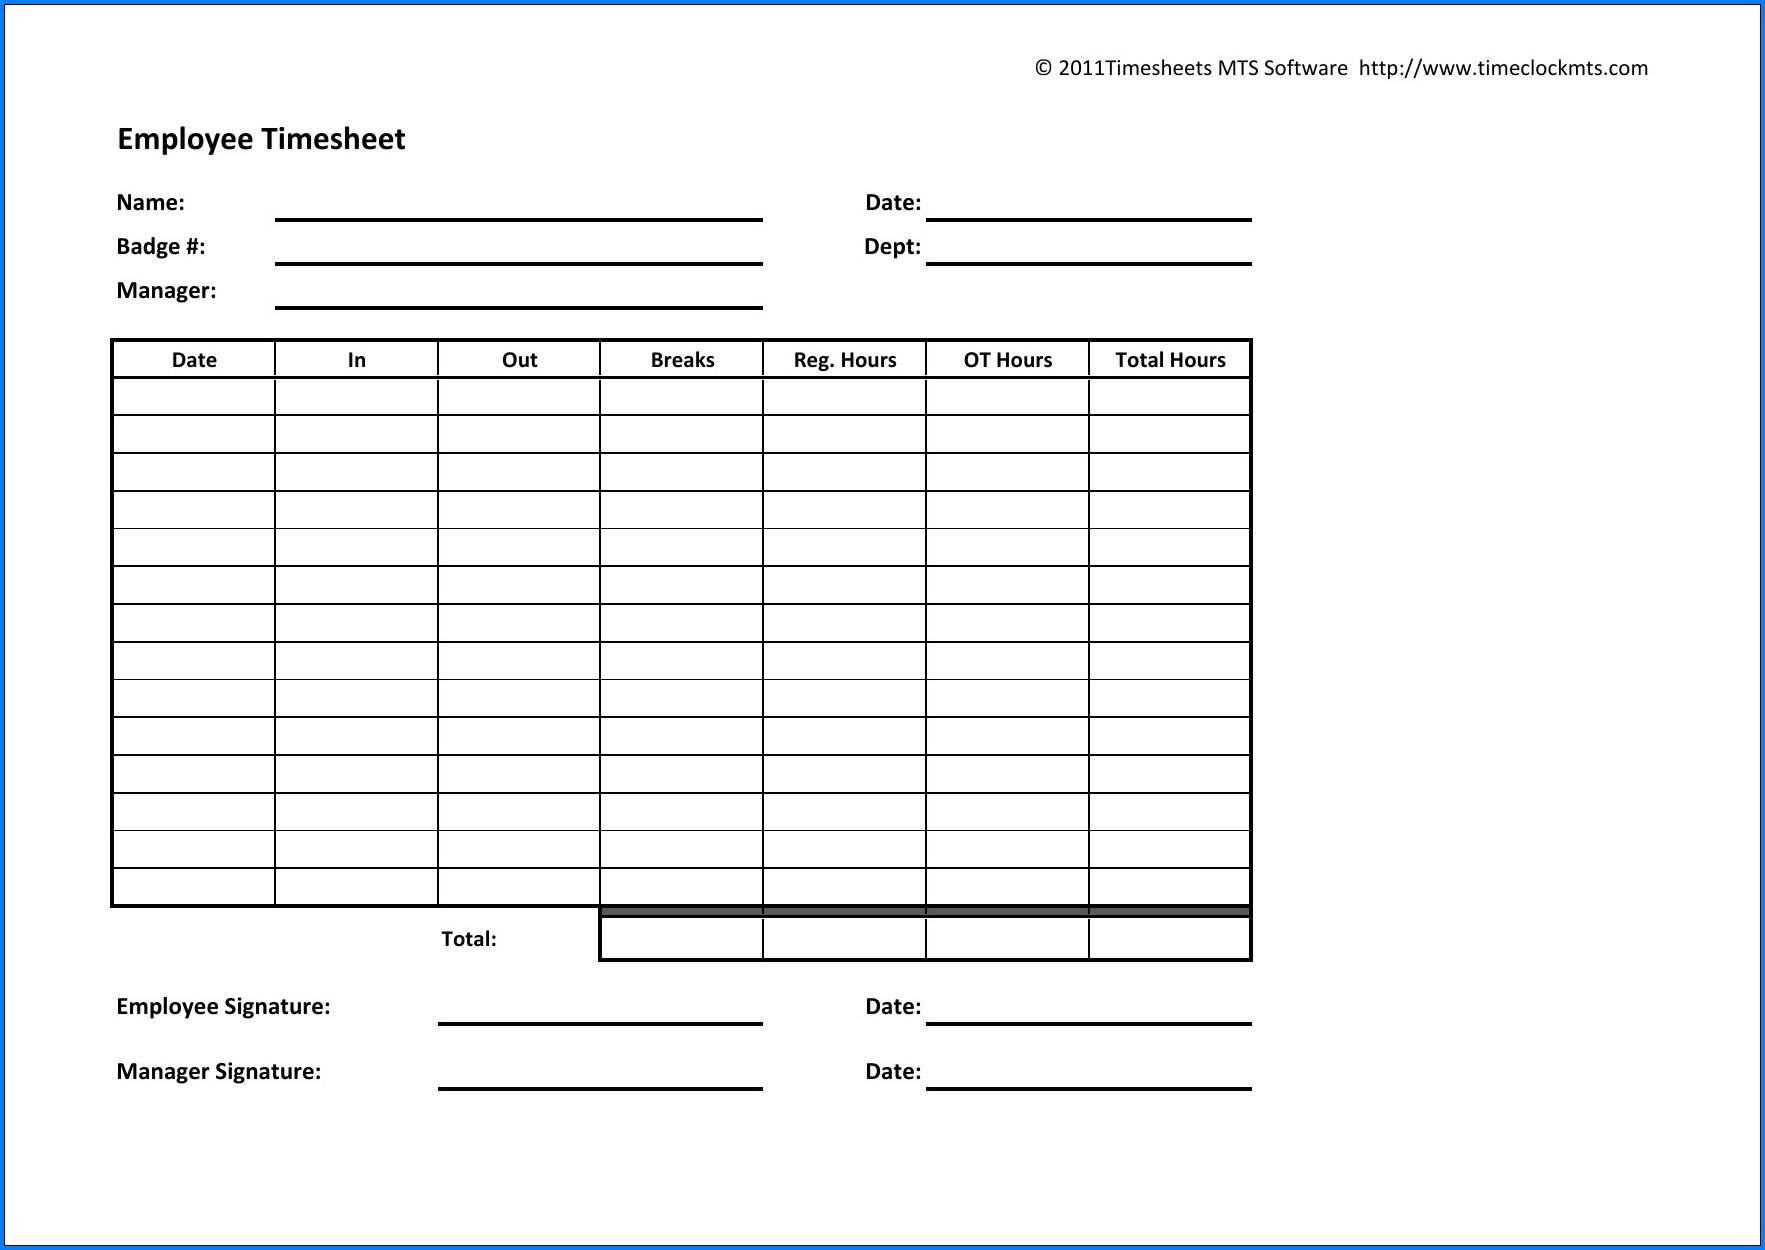 Example of Employee Timesheet Template